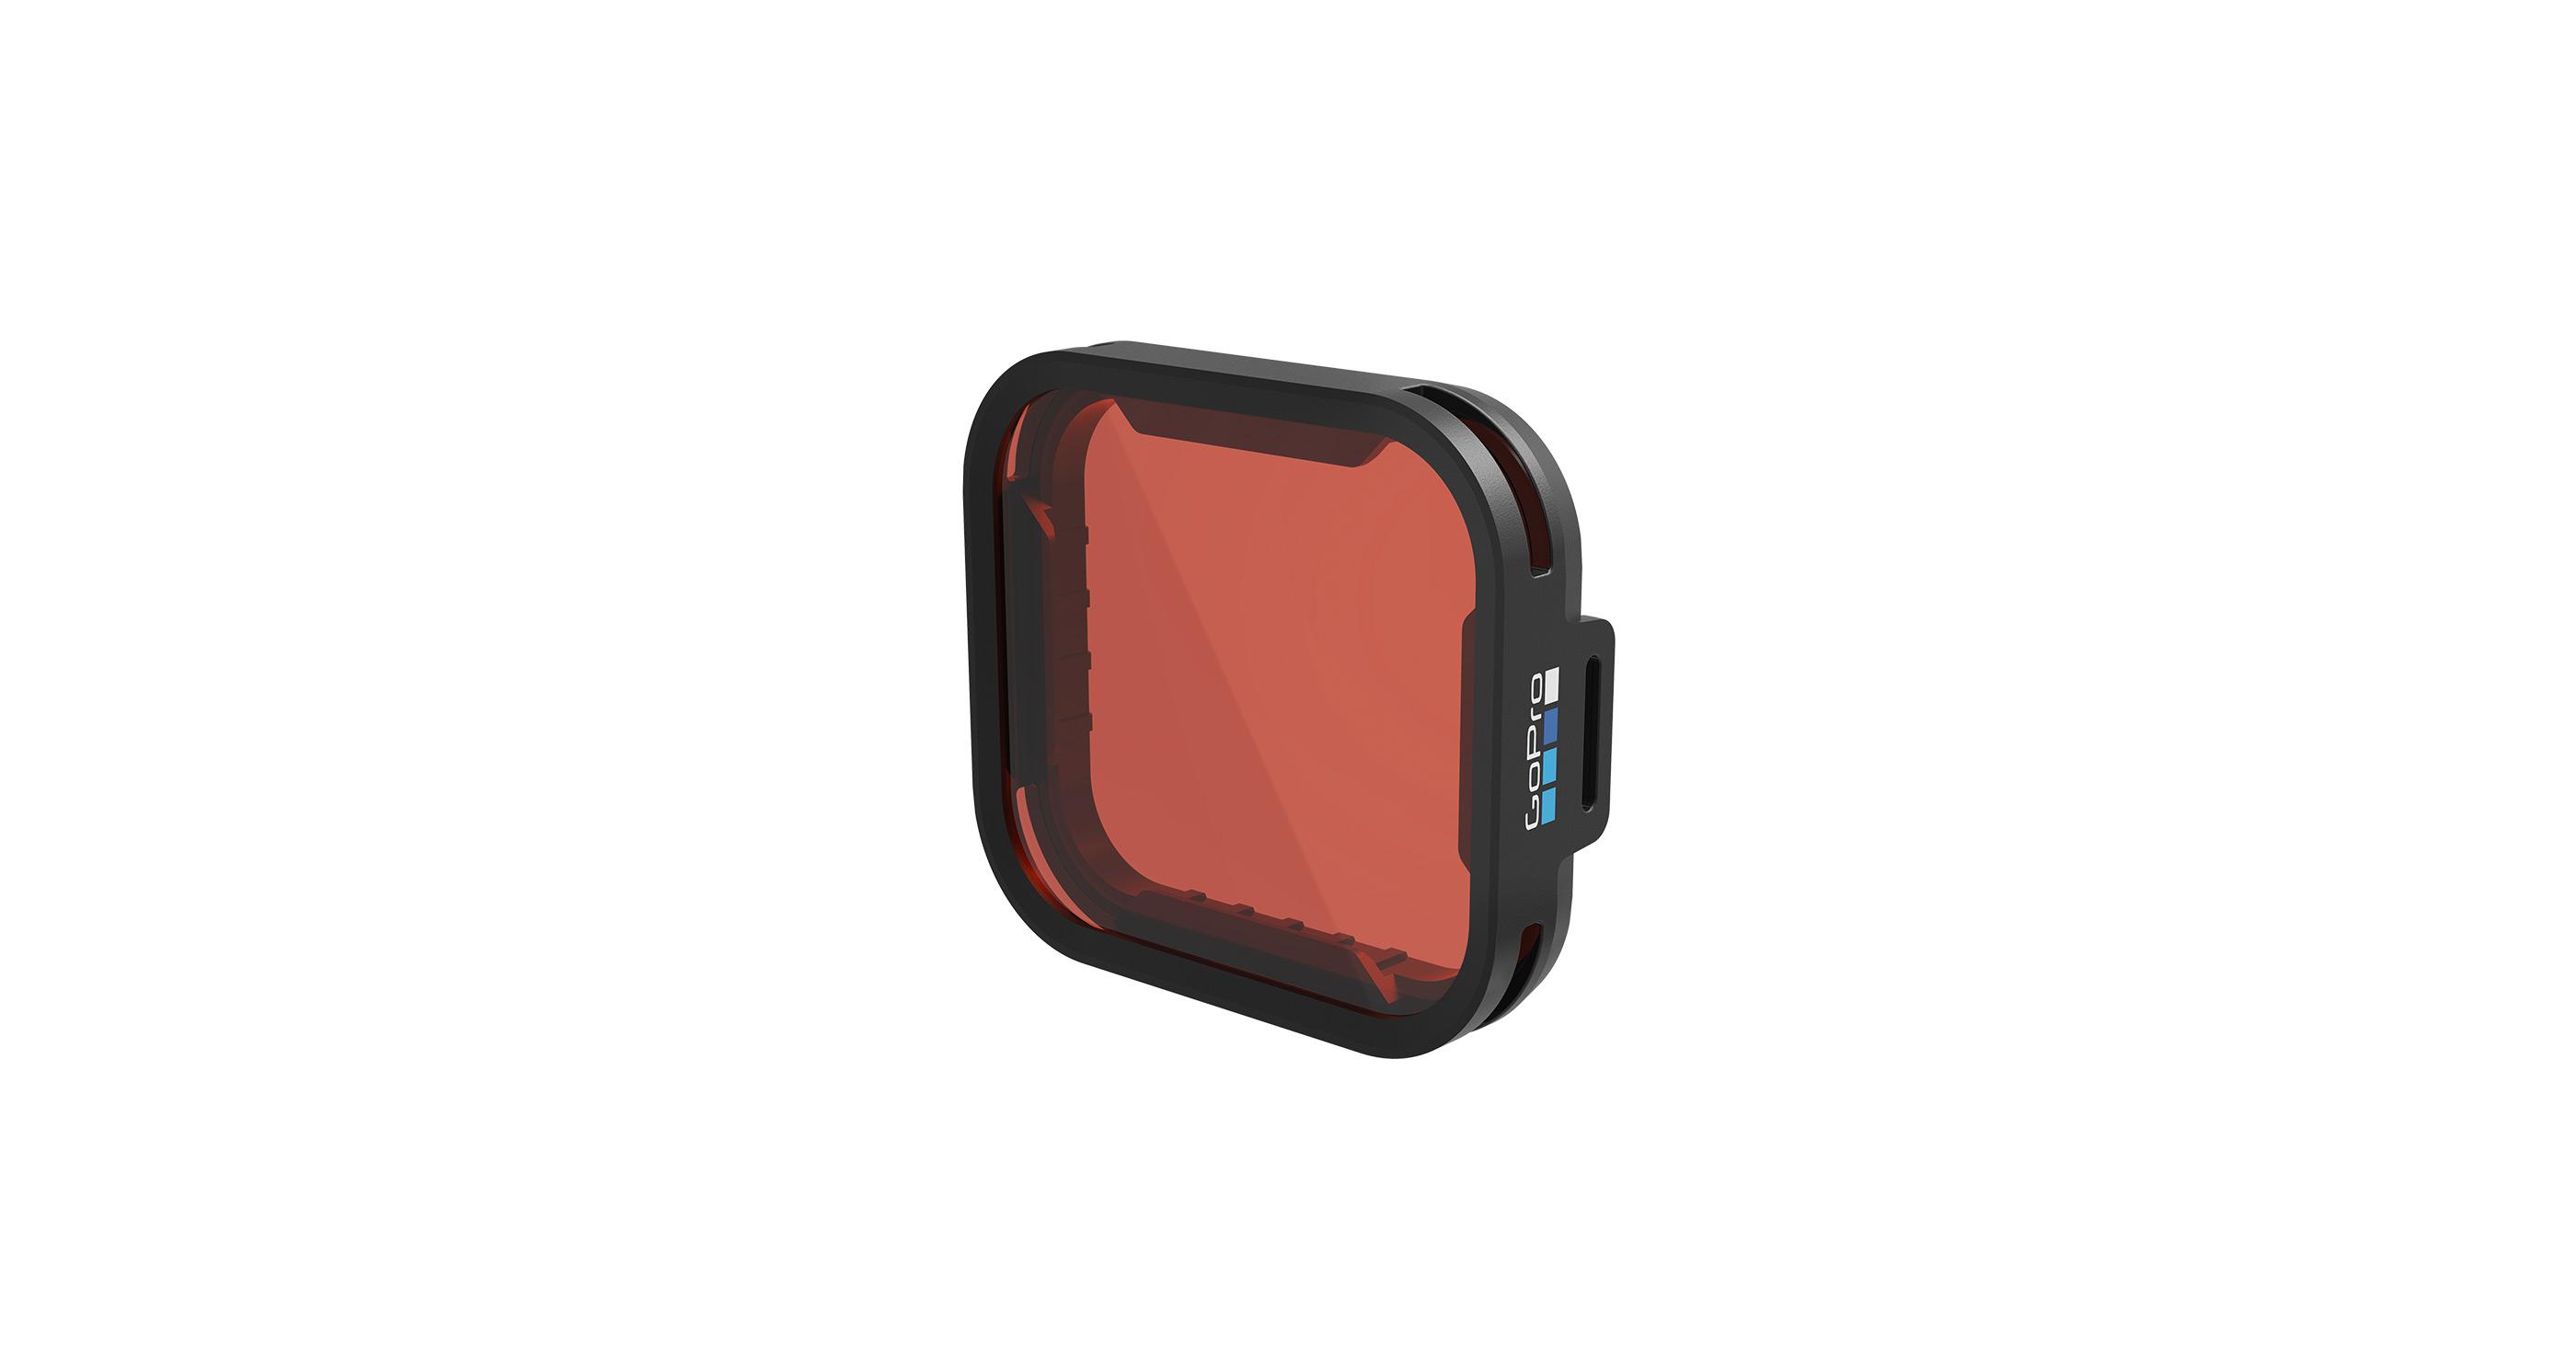 Filtru GoPro Blue Water Dive Filter AAHDR-001 pentru Super Suit